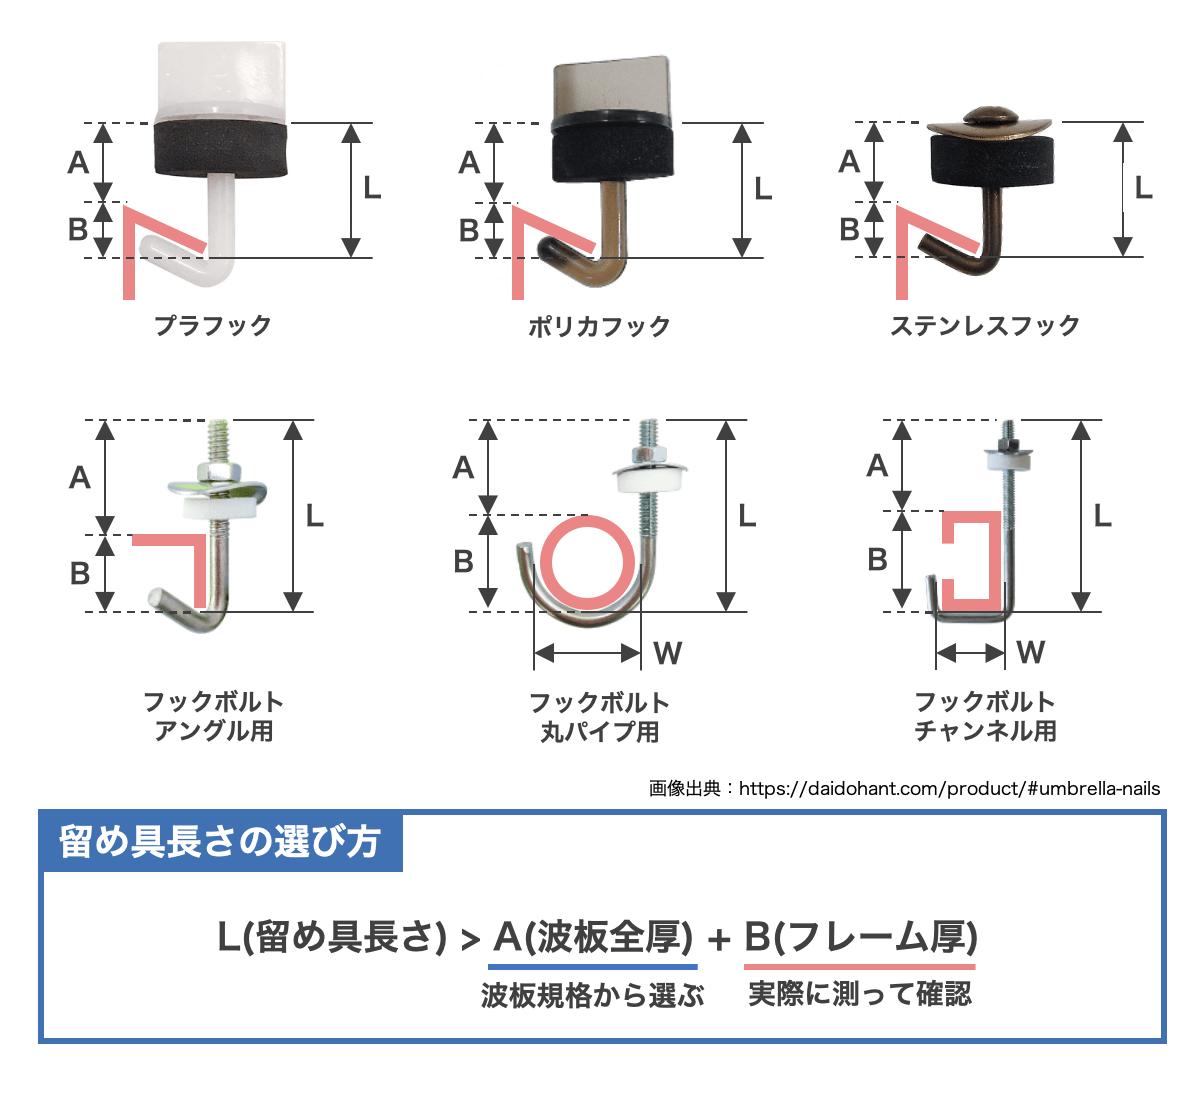 波板の留め具の長さの選び方